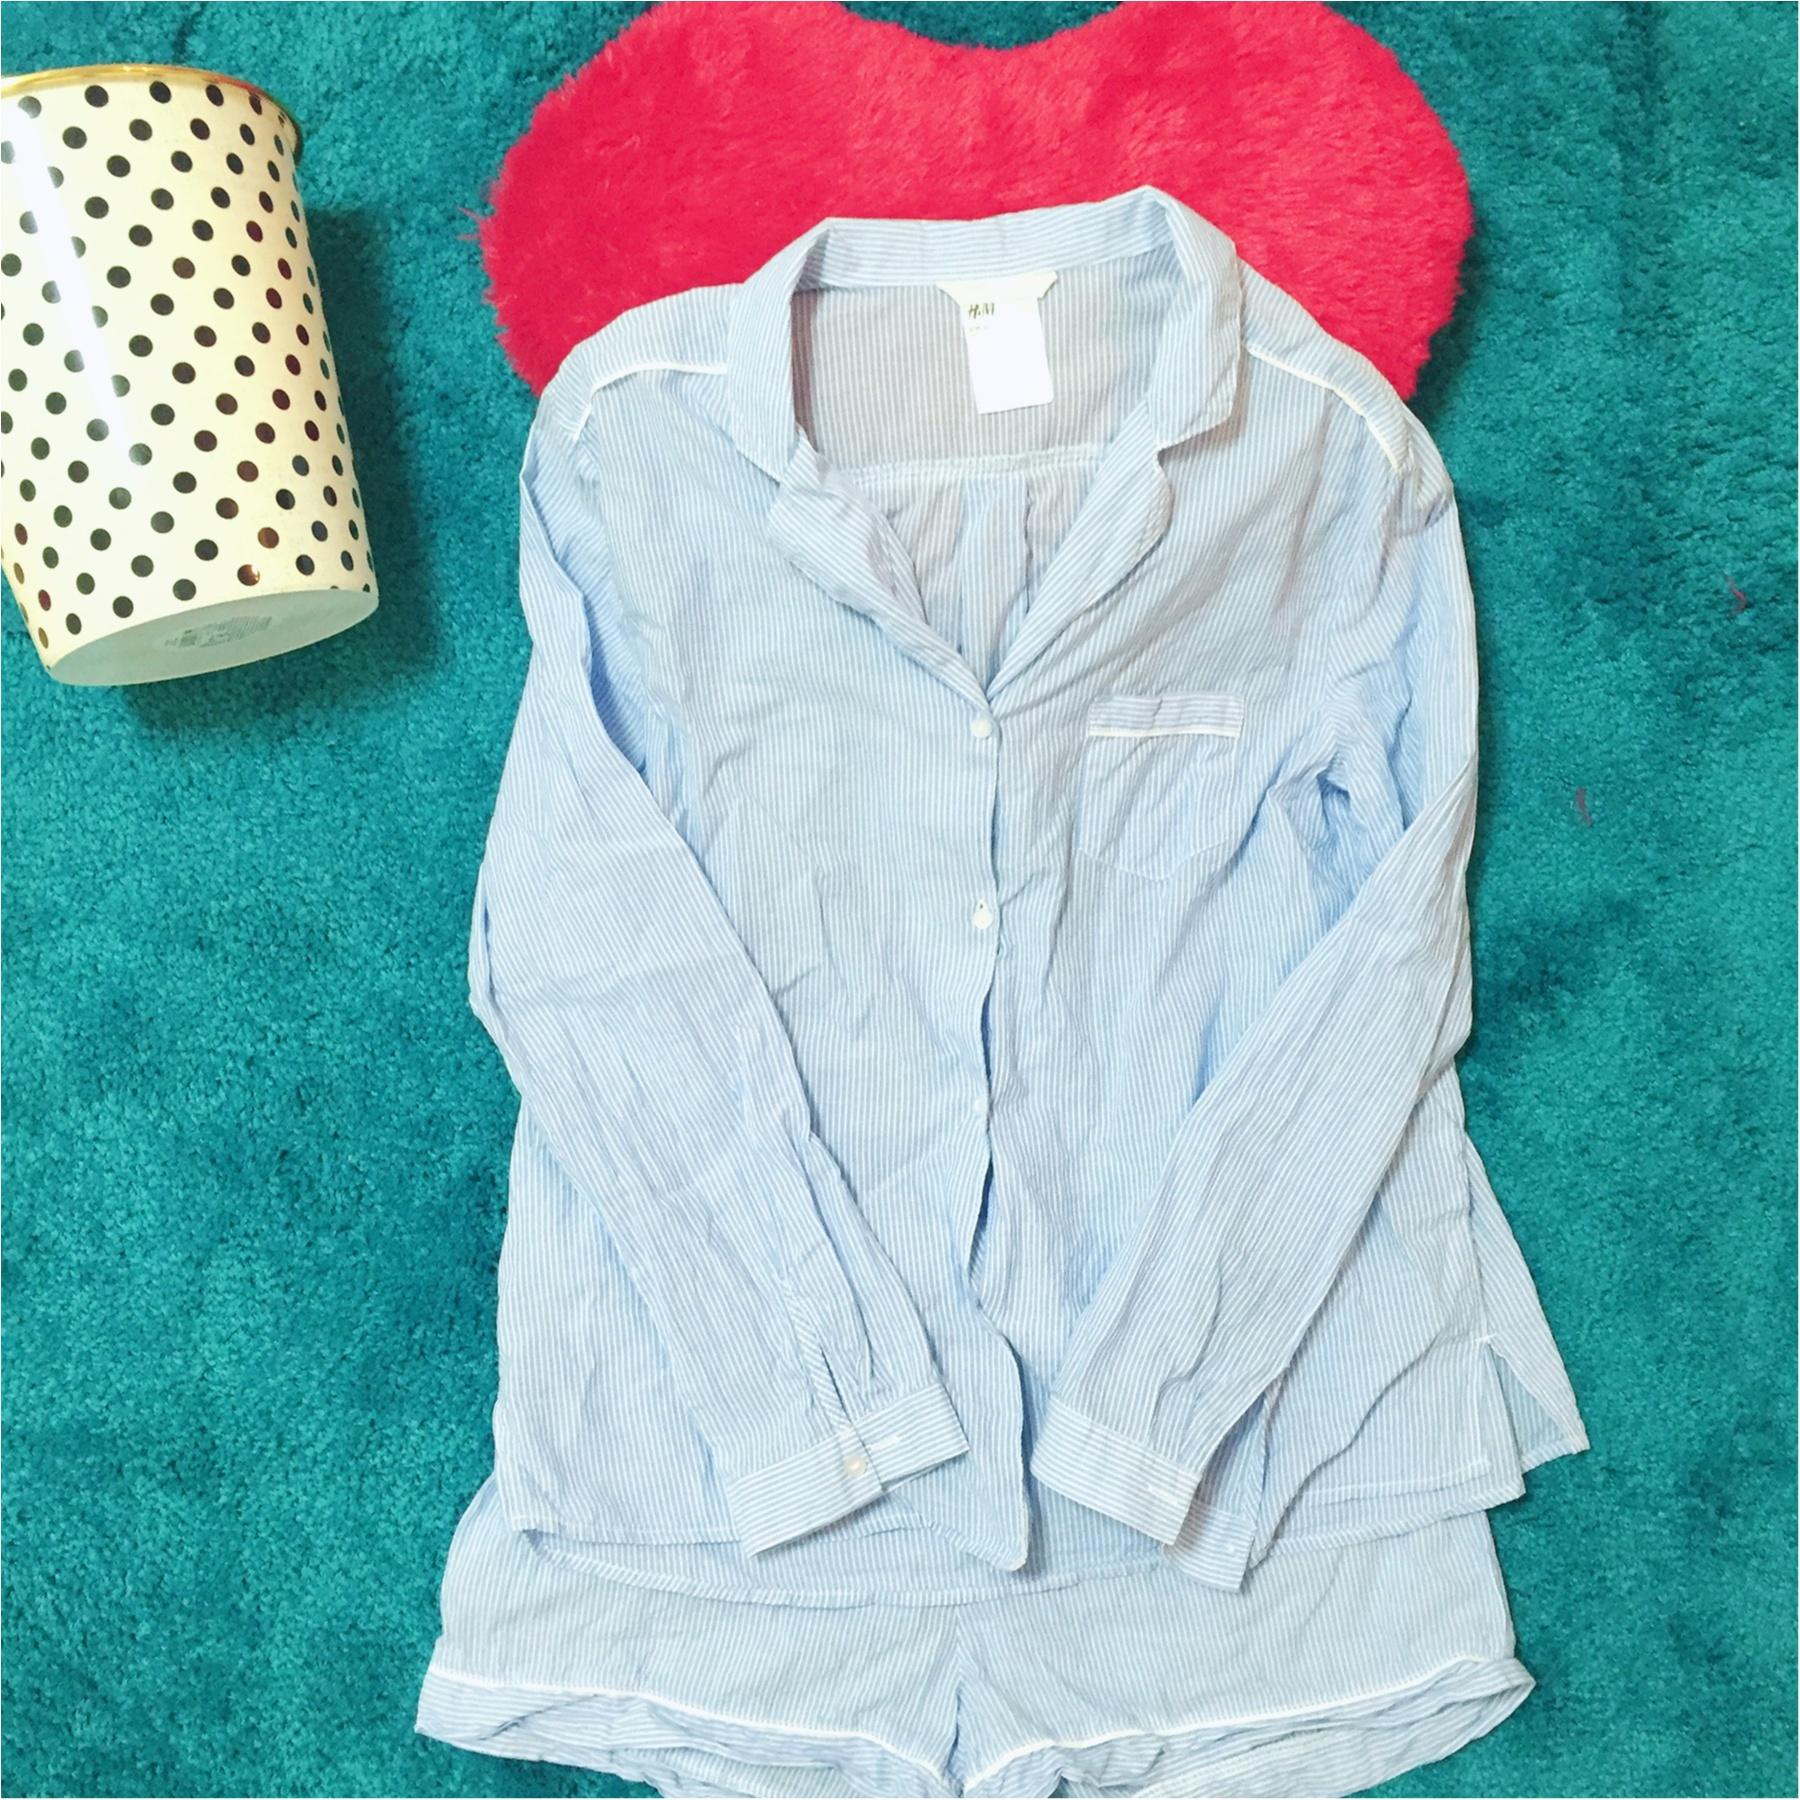 【Fashion】ホントの女子力はお部屋にあり!H&Mでみつけたコスパ◎パジャマが可愛すぎる♡_1